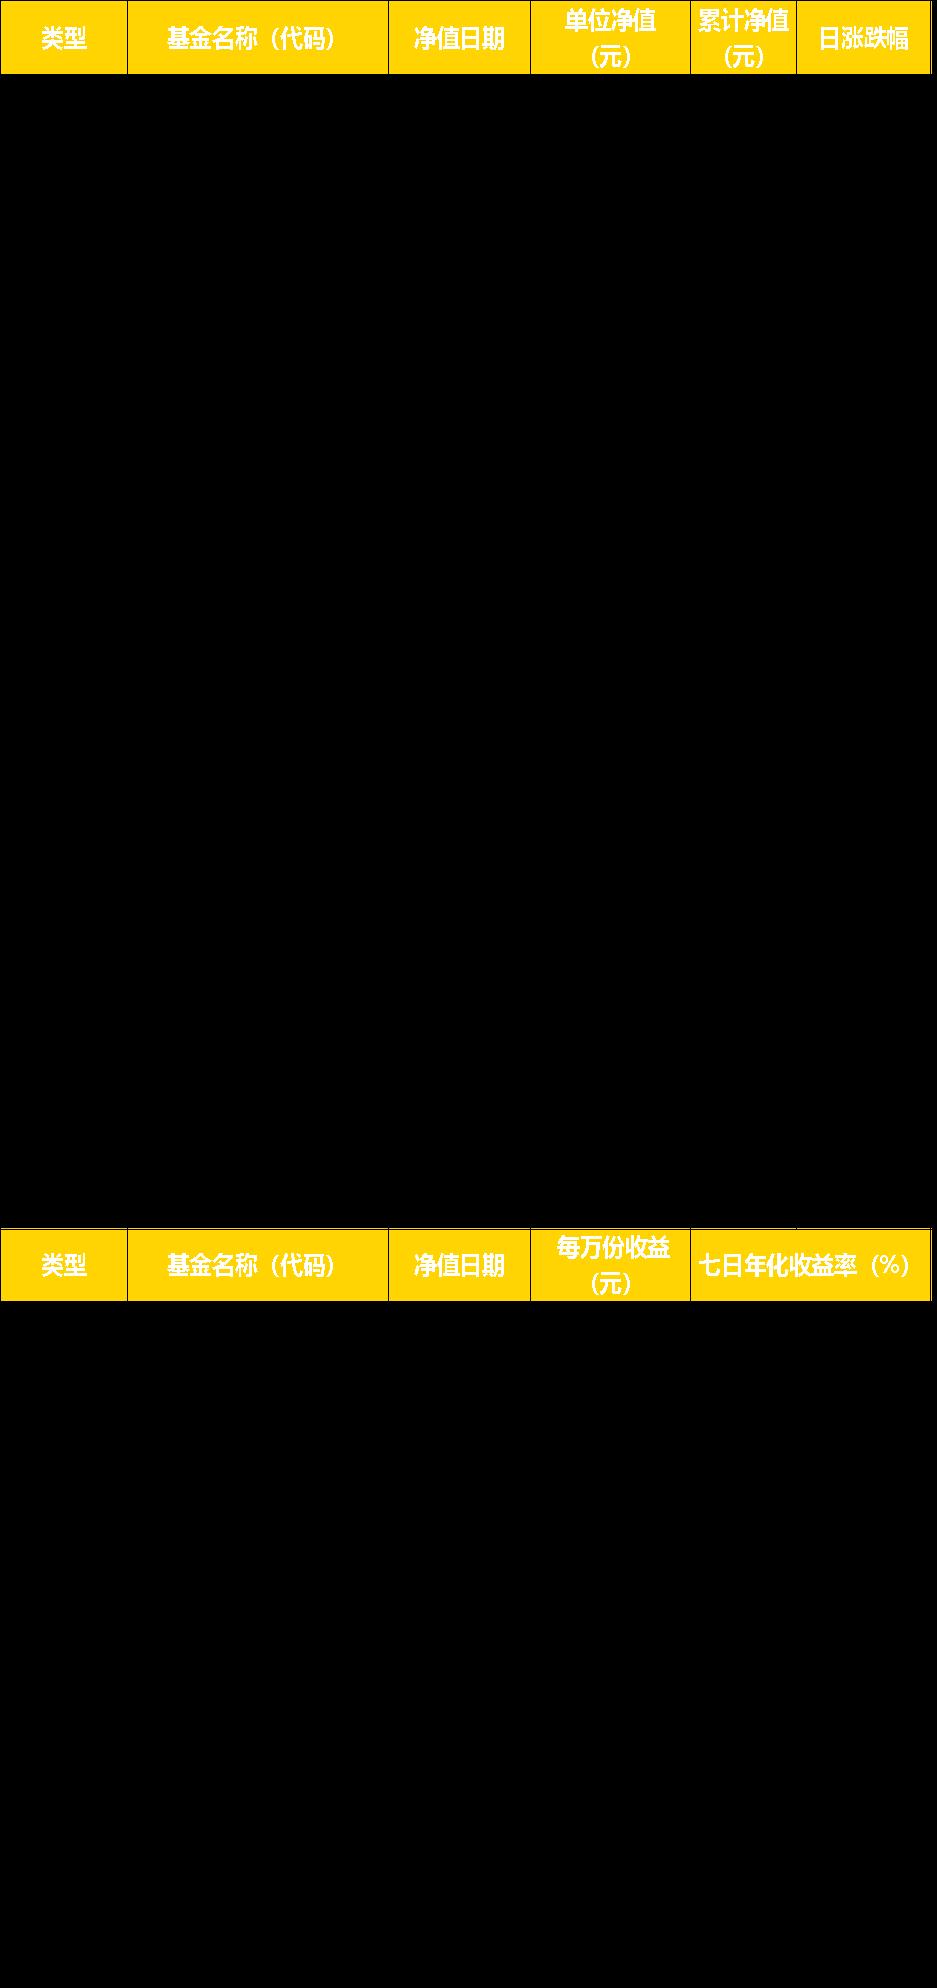 兴•料 | 8月物价解读来啦!